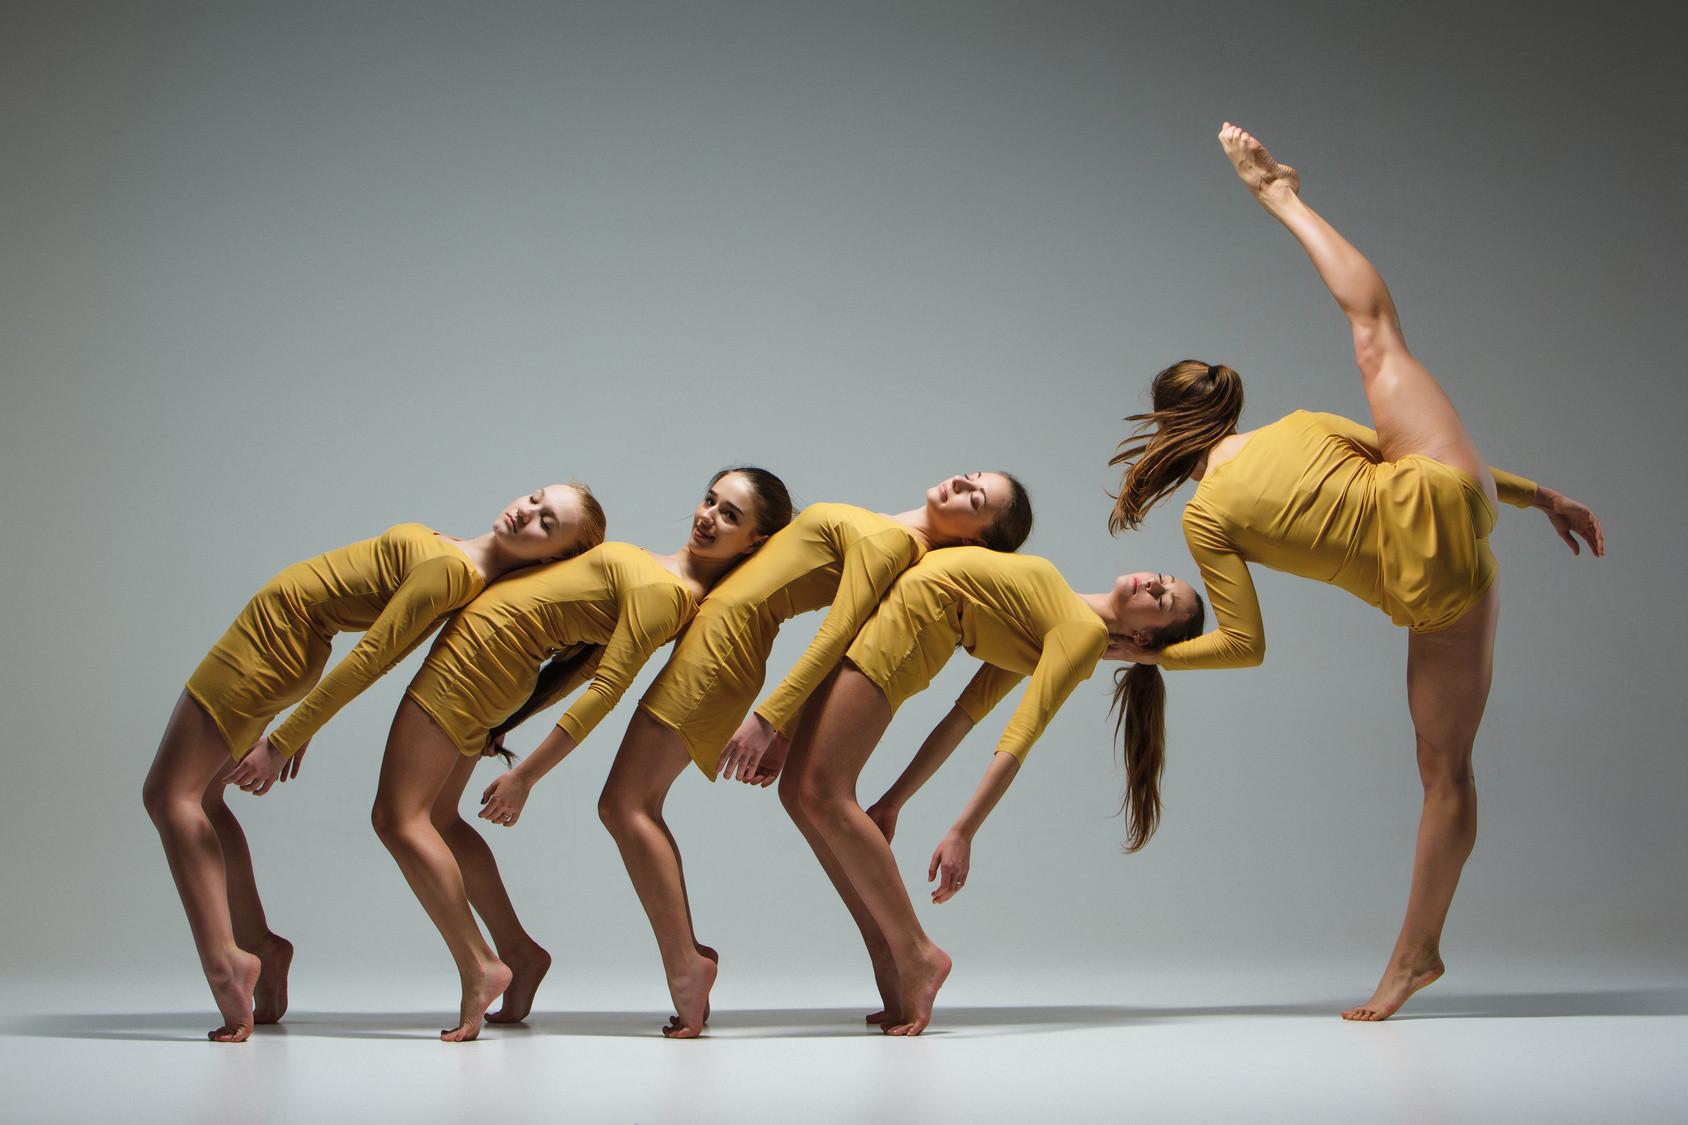 Danse contemporaine filles